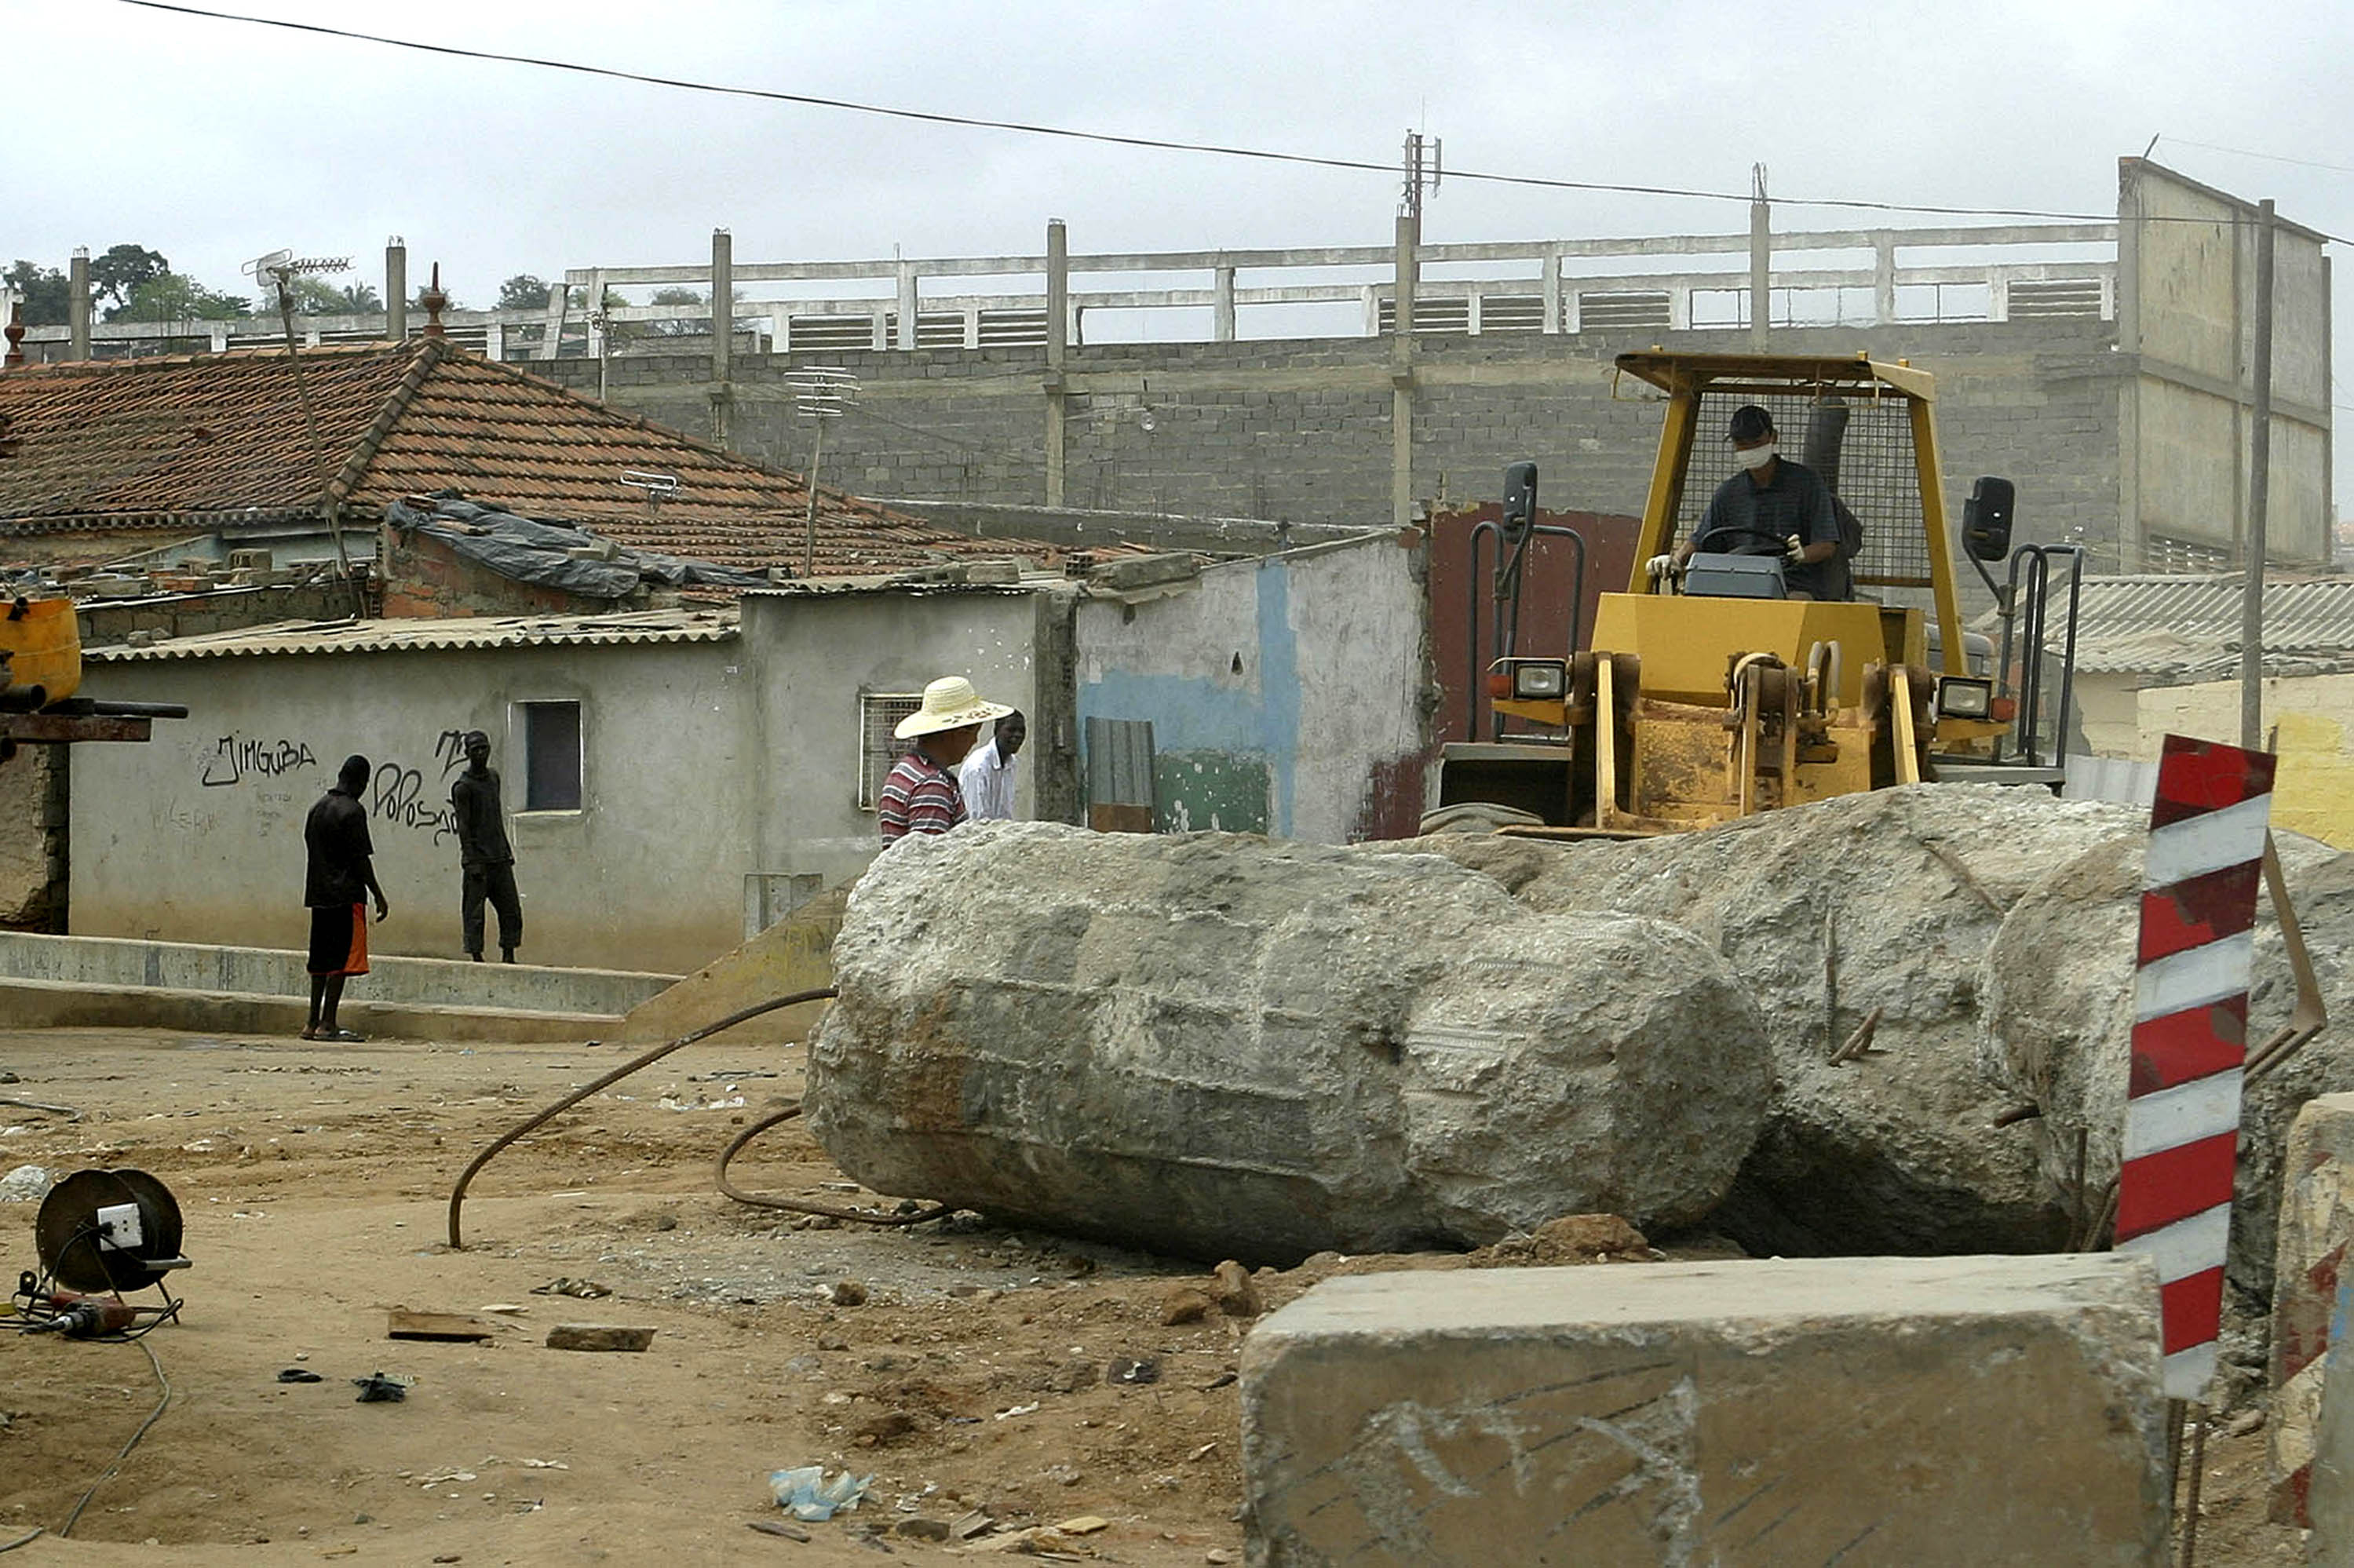 Construtora angolana contratada para terminar reabilitação de estrada por 26,7 MEuro